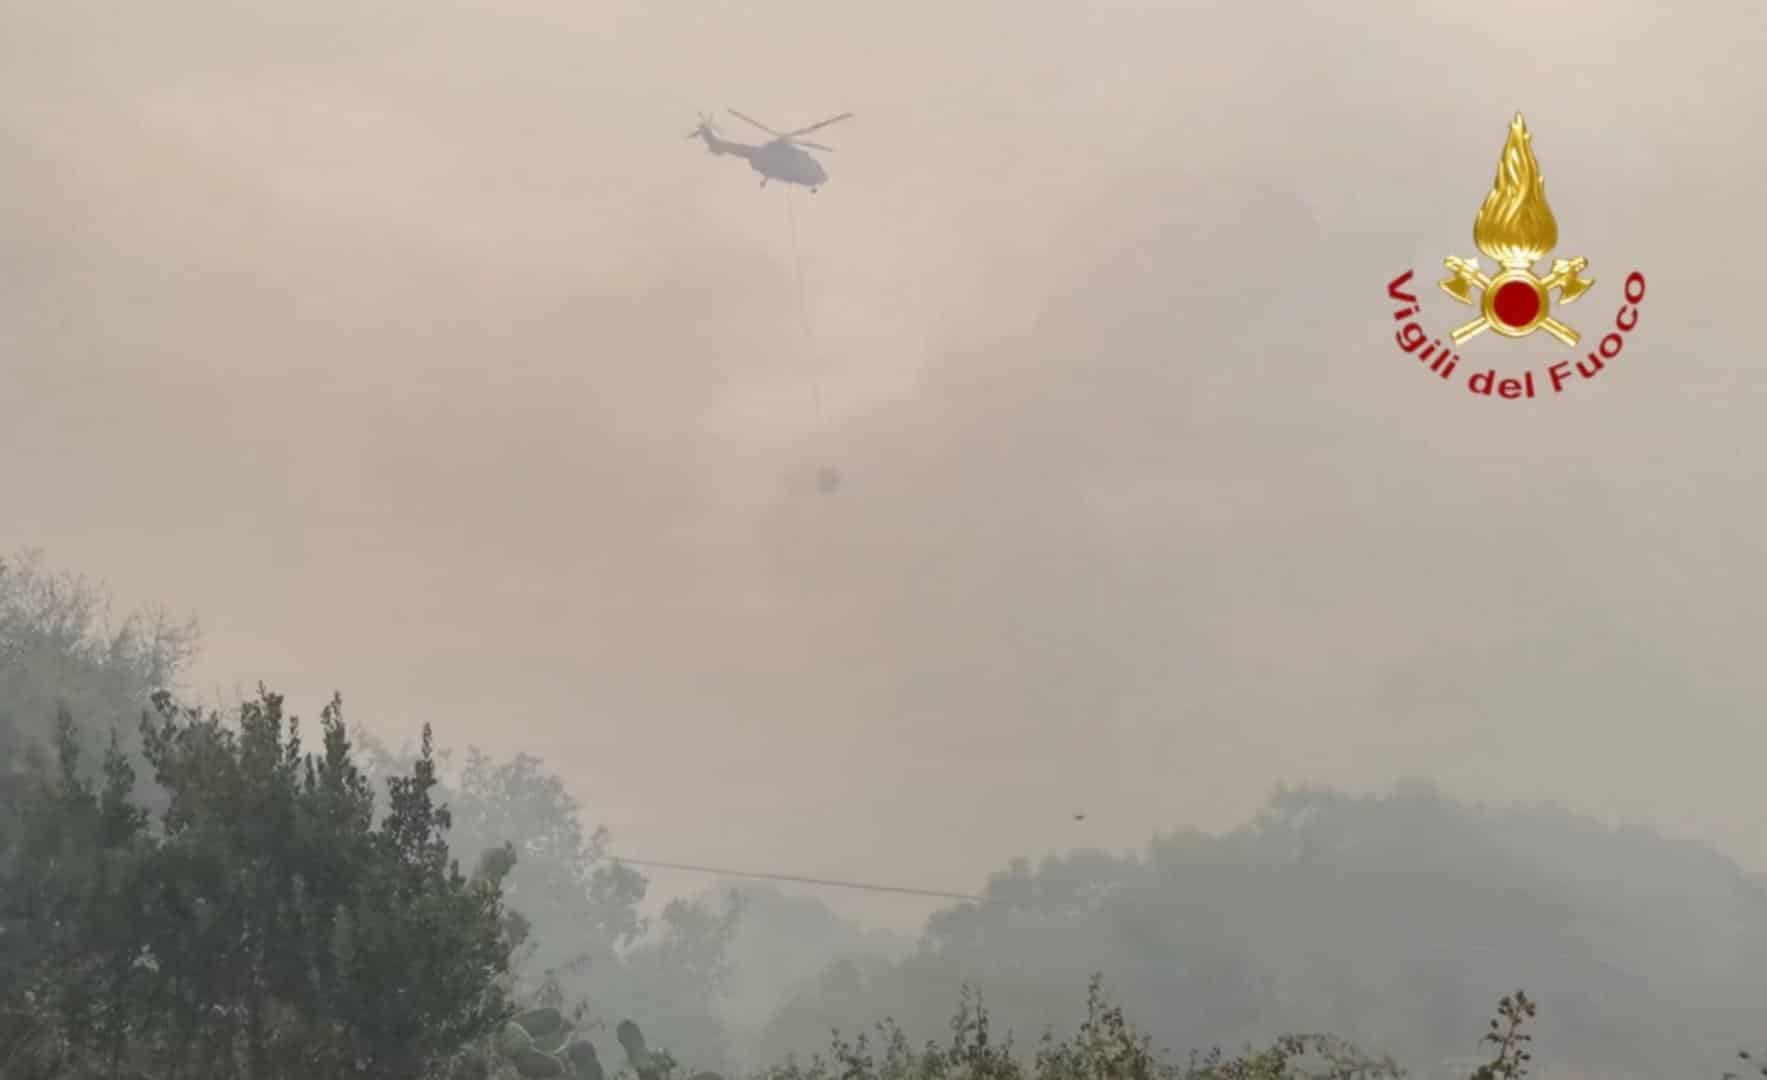 """Da Nello Musumeci a Legambiente: la Sicilia vicina alla Sardegna """"devastata"""" dagli incendi"""